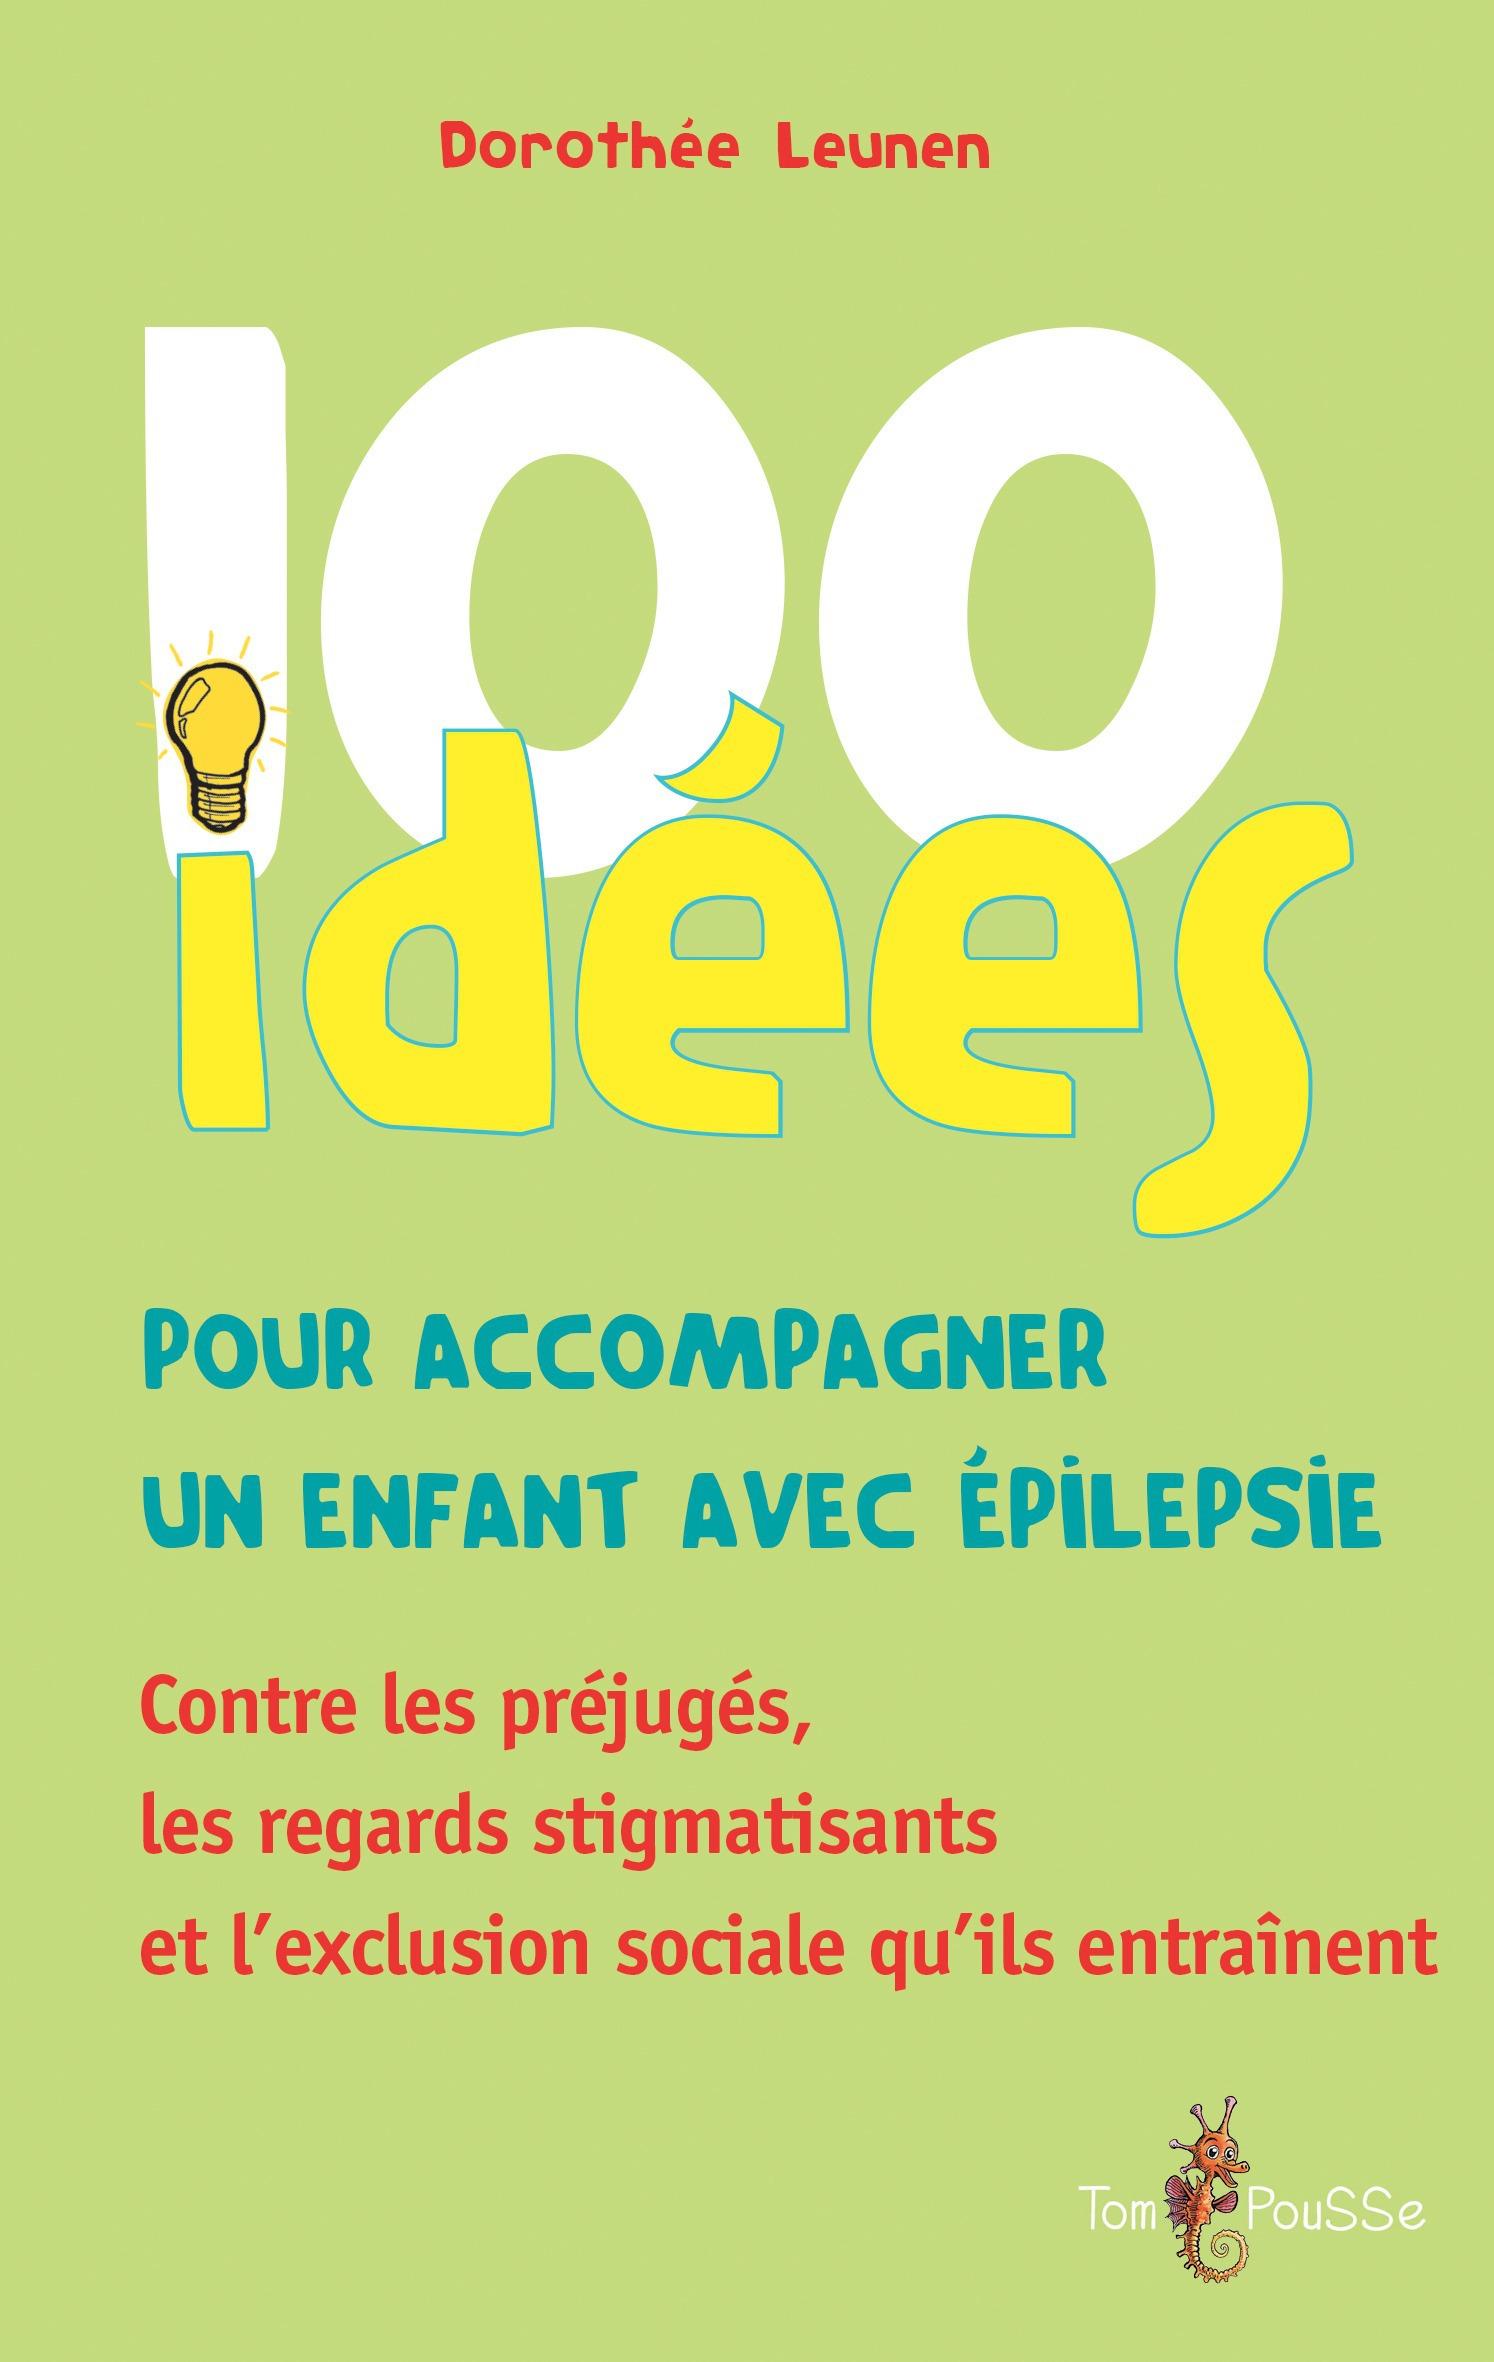 Dorothée Leunen 100 idées pour accompagner un enfant avec épilepsie